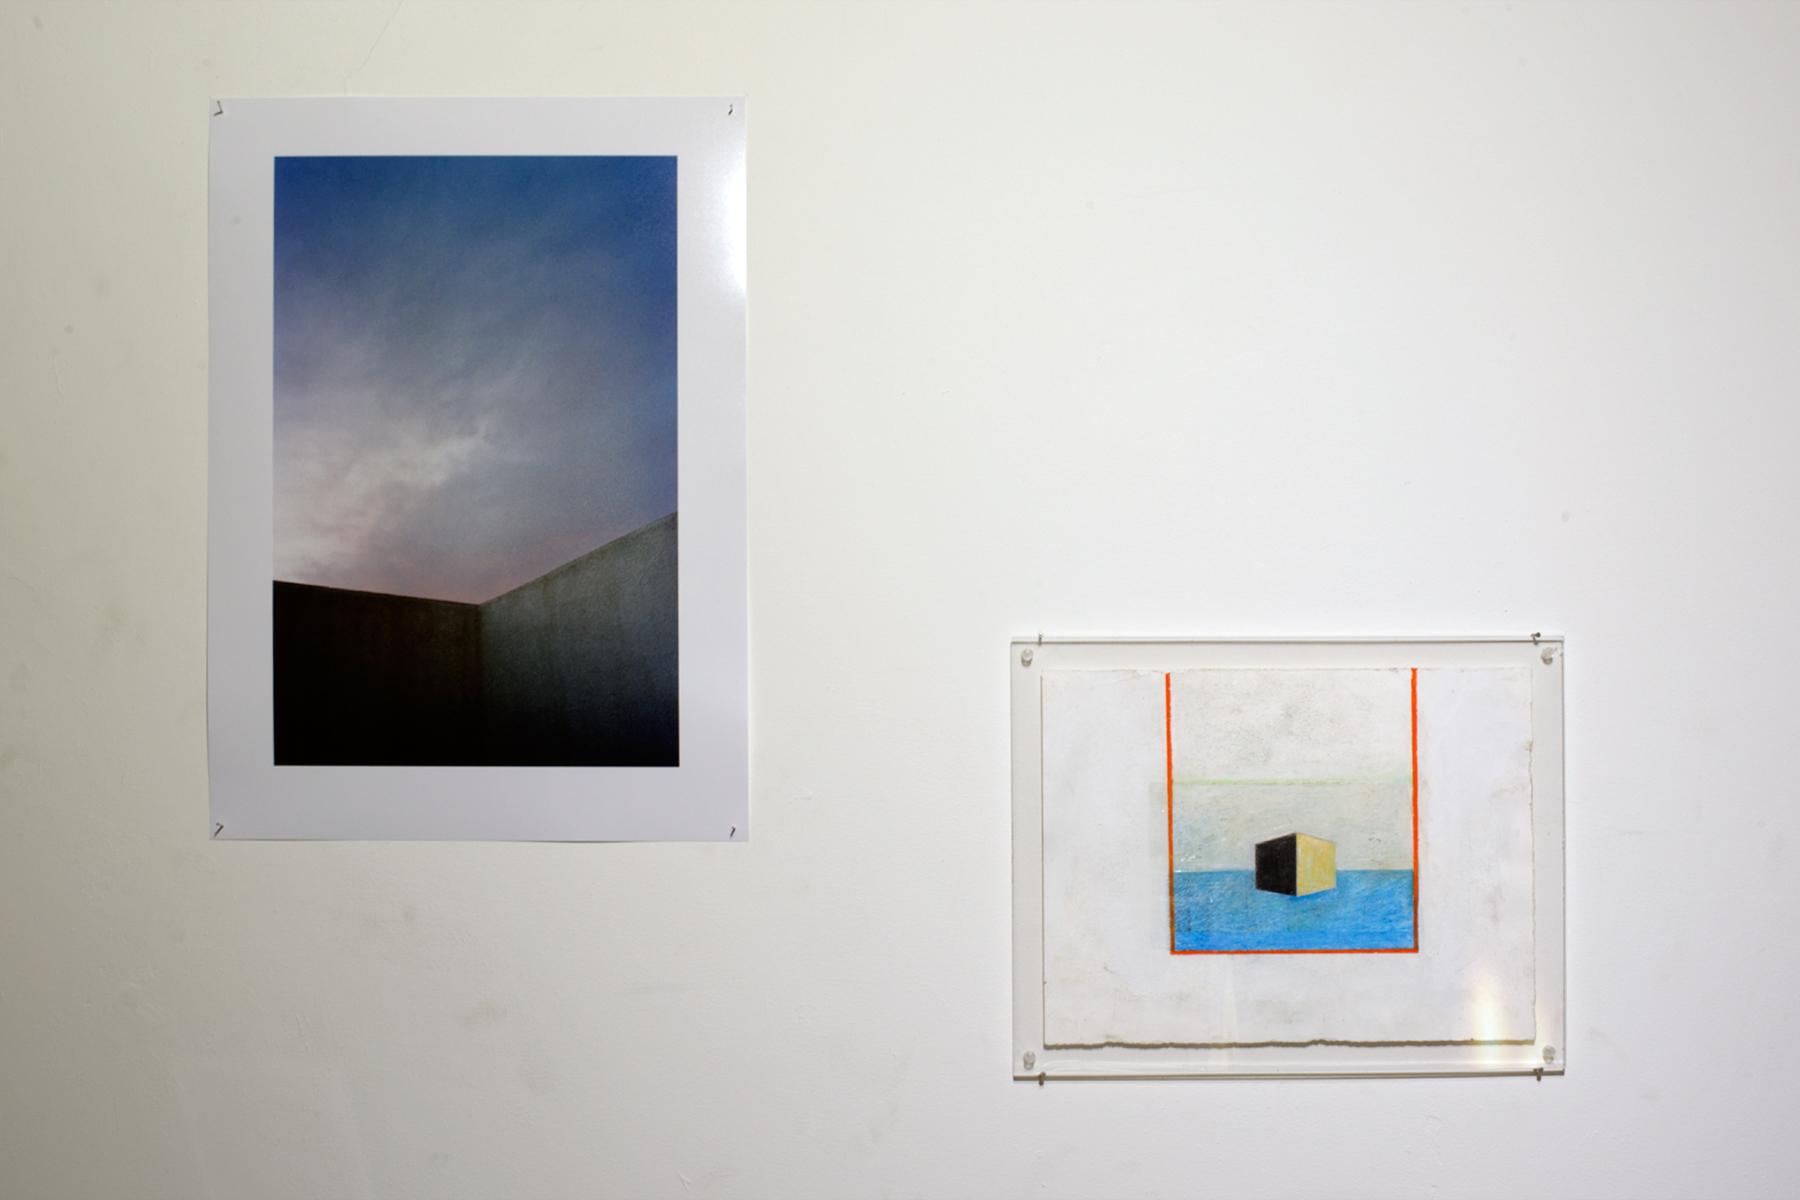 Christophe Berlet -  untitled  - 2016 - Photo argentique, tirage Lambda - 55x40cm - édition de 5 ///// Eléonore de Margerie -  Aquarium  - Pastel et gouache sur papier - 36,5 x 37,5 cm - 2014 - Plexiglas 38,5 x 42 cm, ép. 5mm